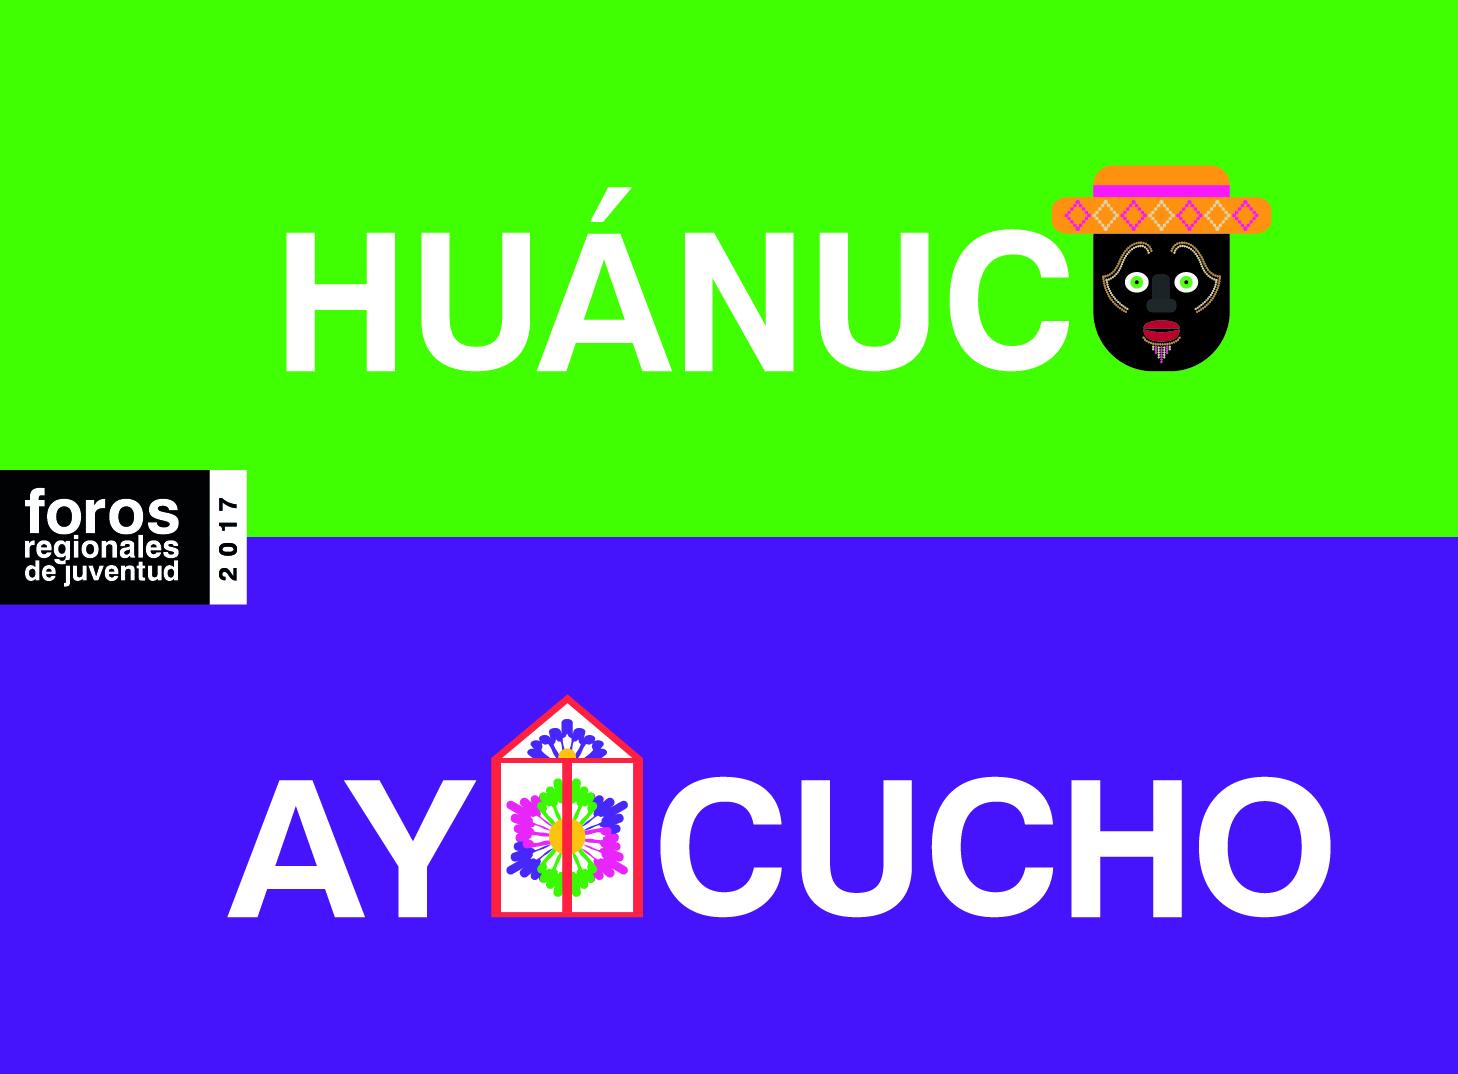 Senaju organiza foros regionales en Ayacucho y Huánuco